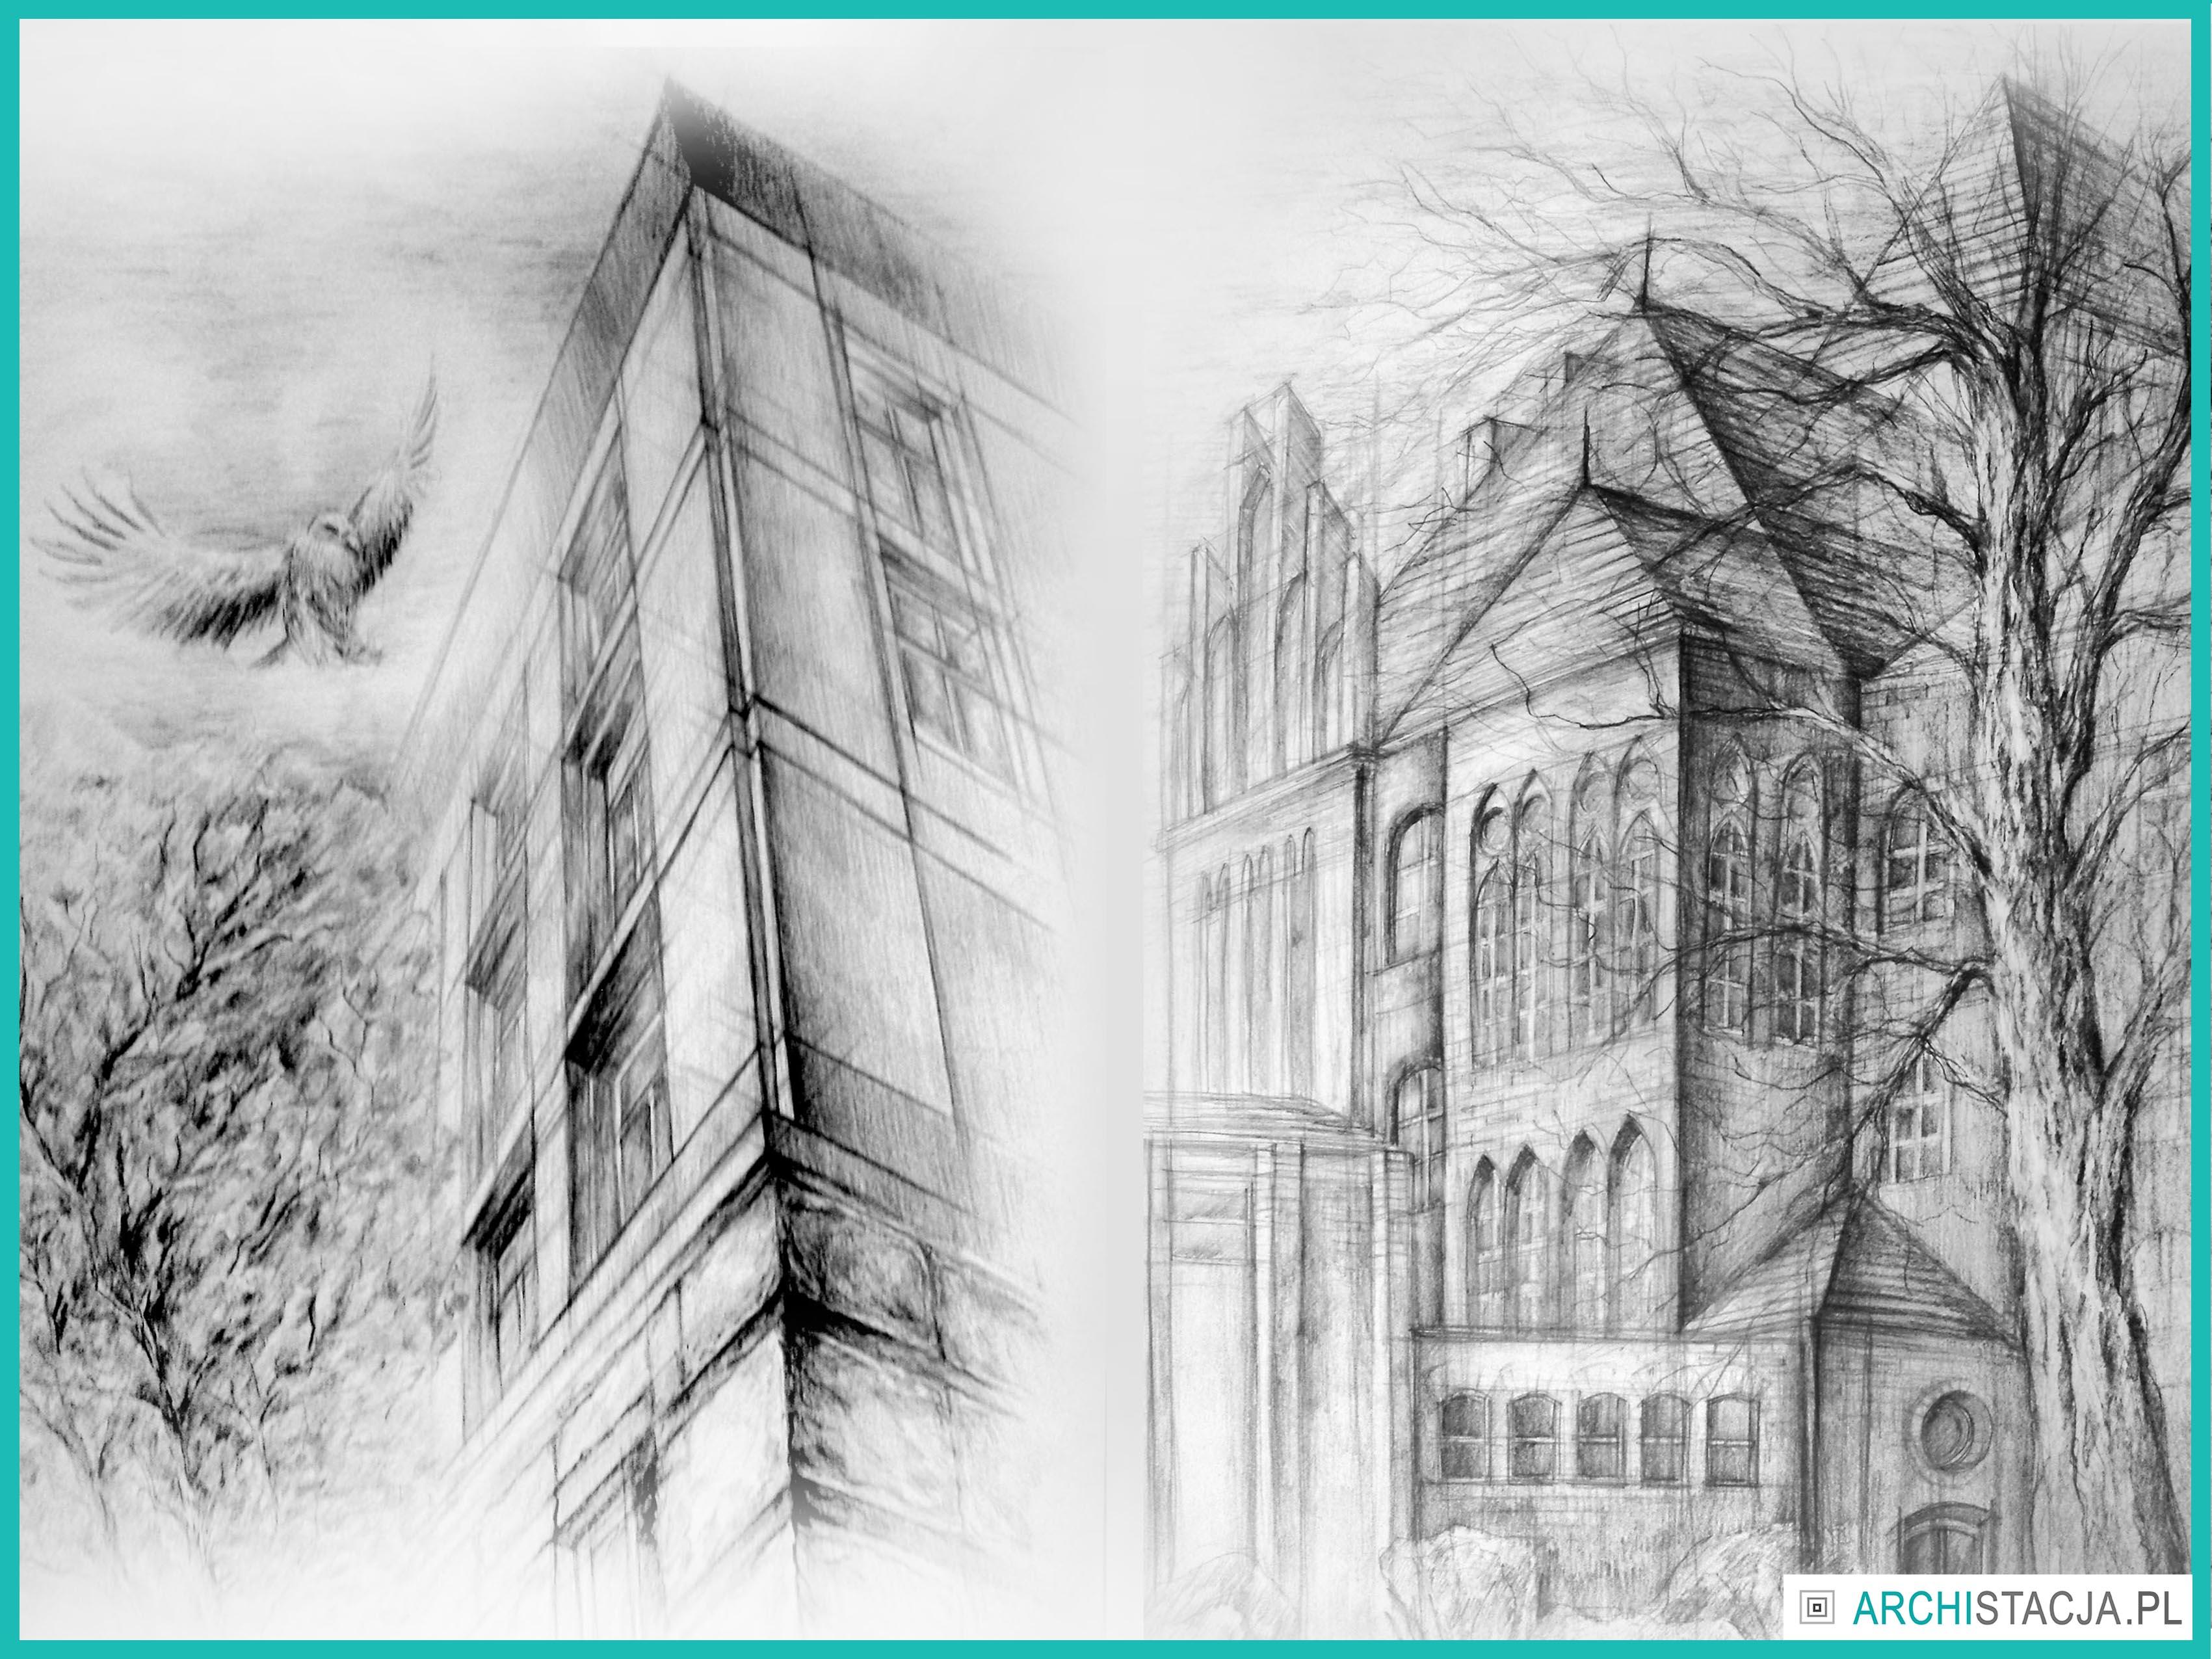 STACJA ARTYSTYCZNA – architektonicznie